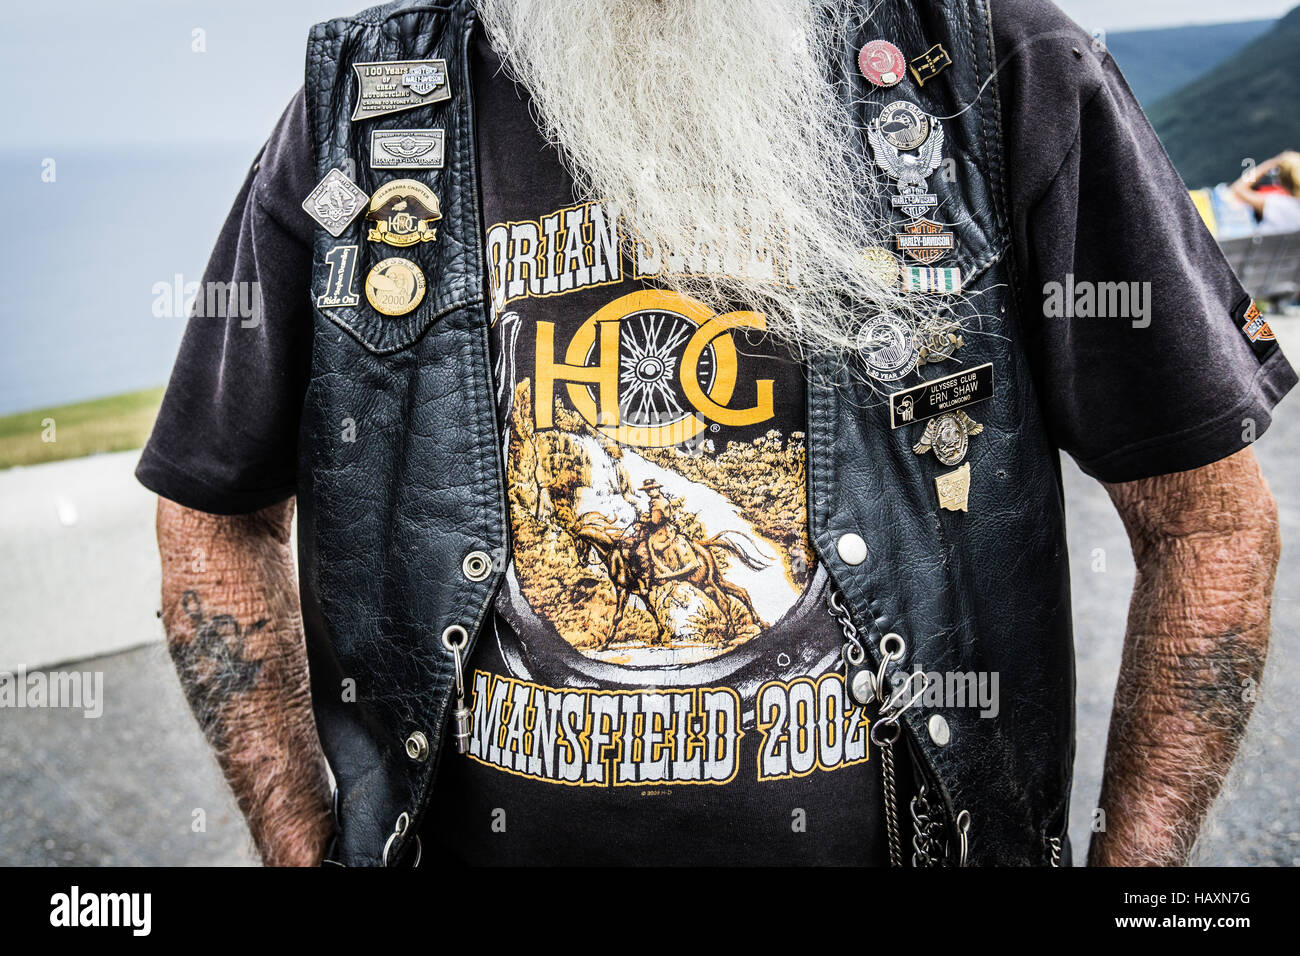 Ein Australien-Harley Davidson-Fahrer.  Dieser Mann mit langem Bart war ein Mitglied der Ulyssees-Club Stockbild